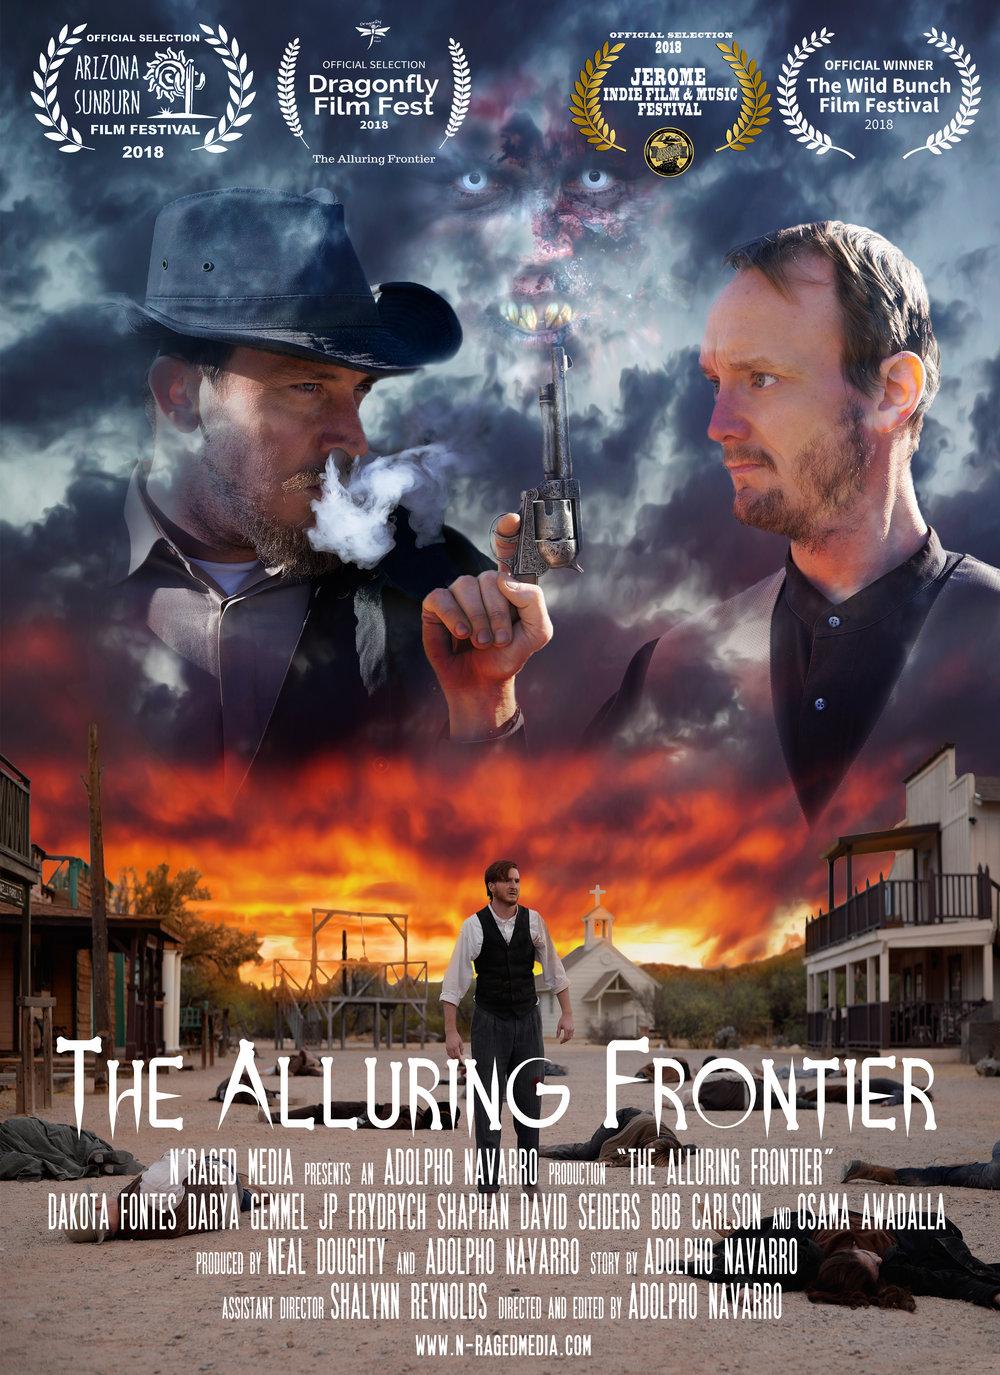 Alluring Frontier Poster 5 Festivals.jpg